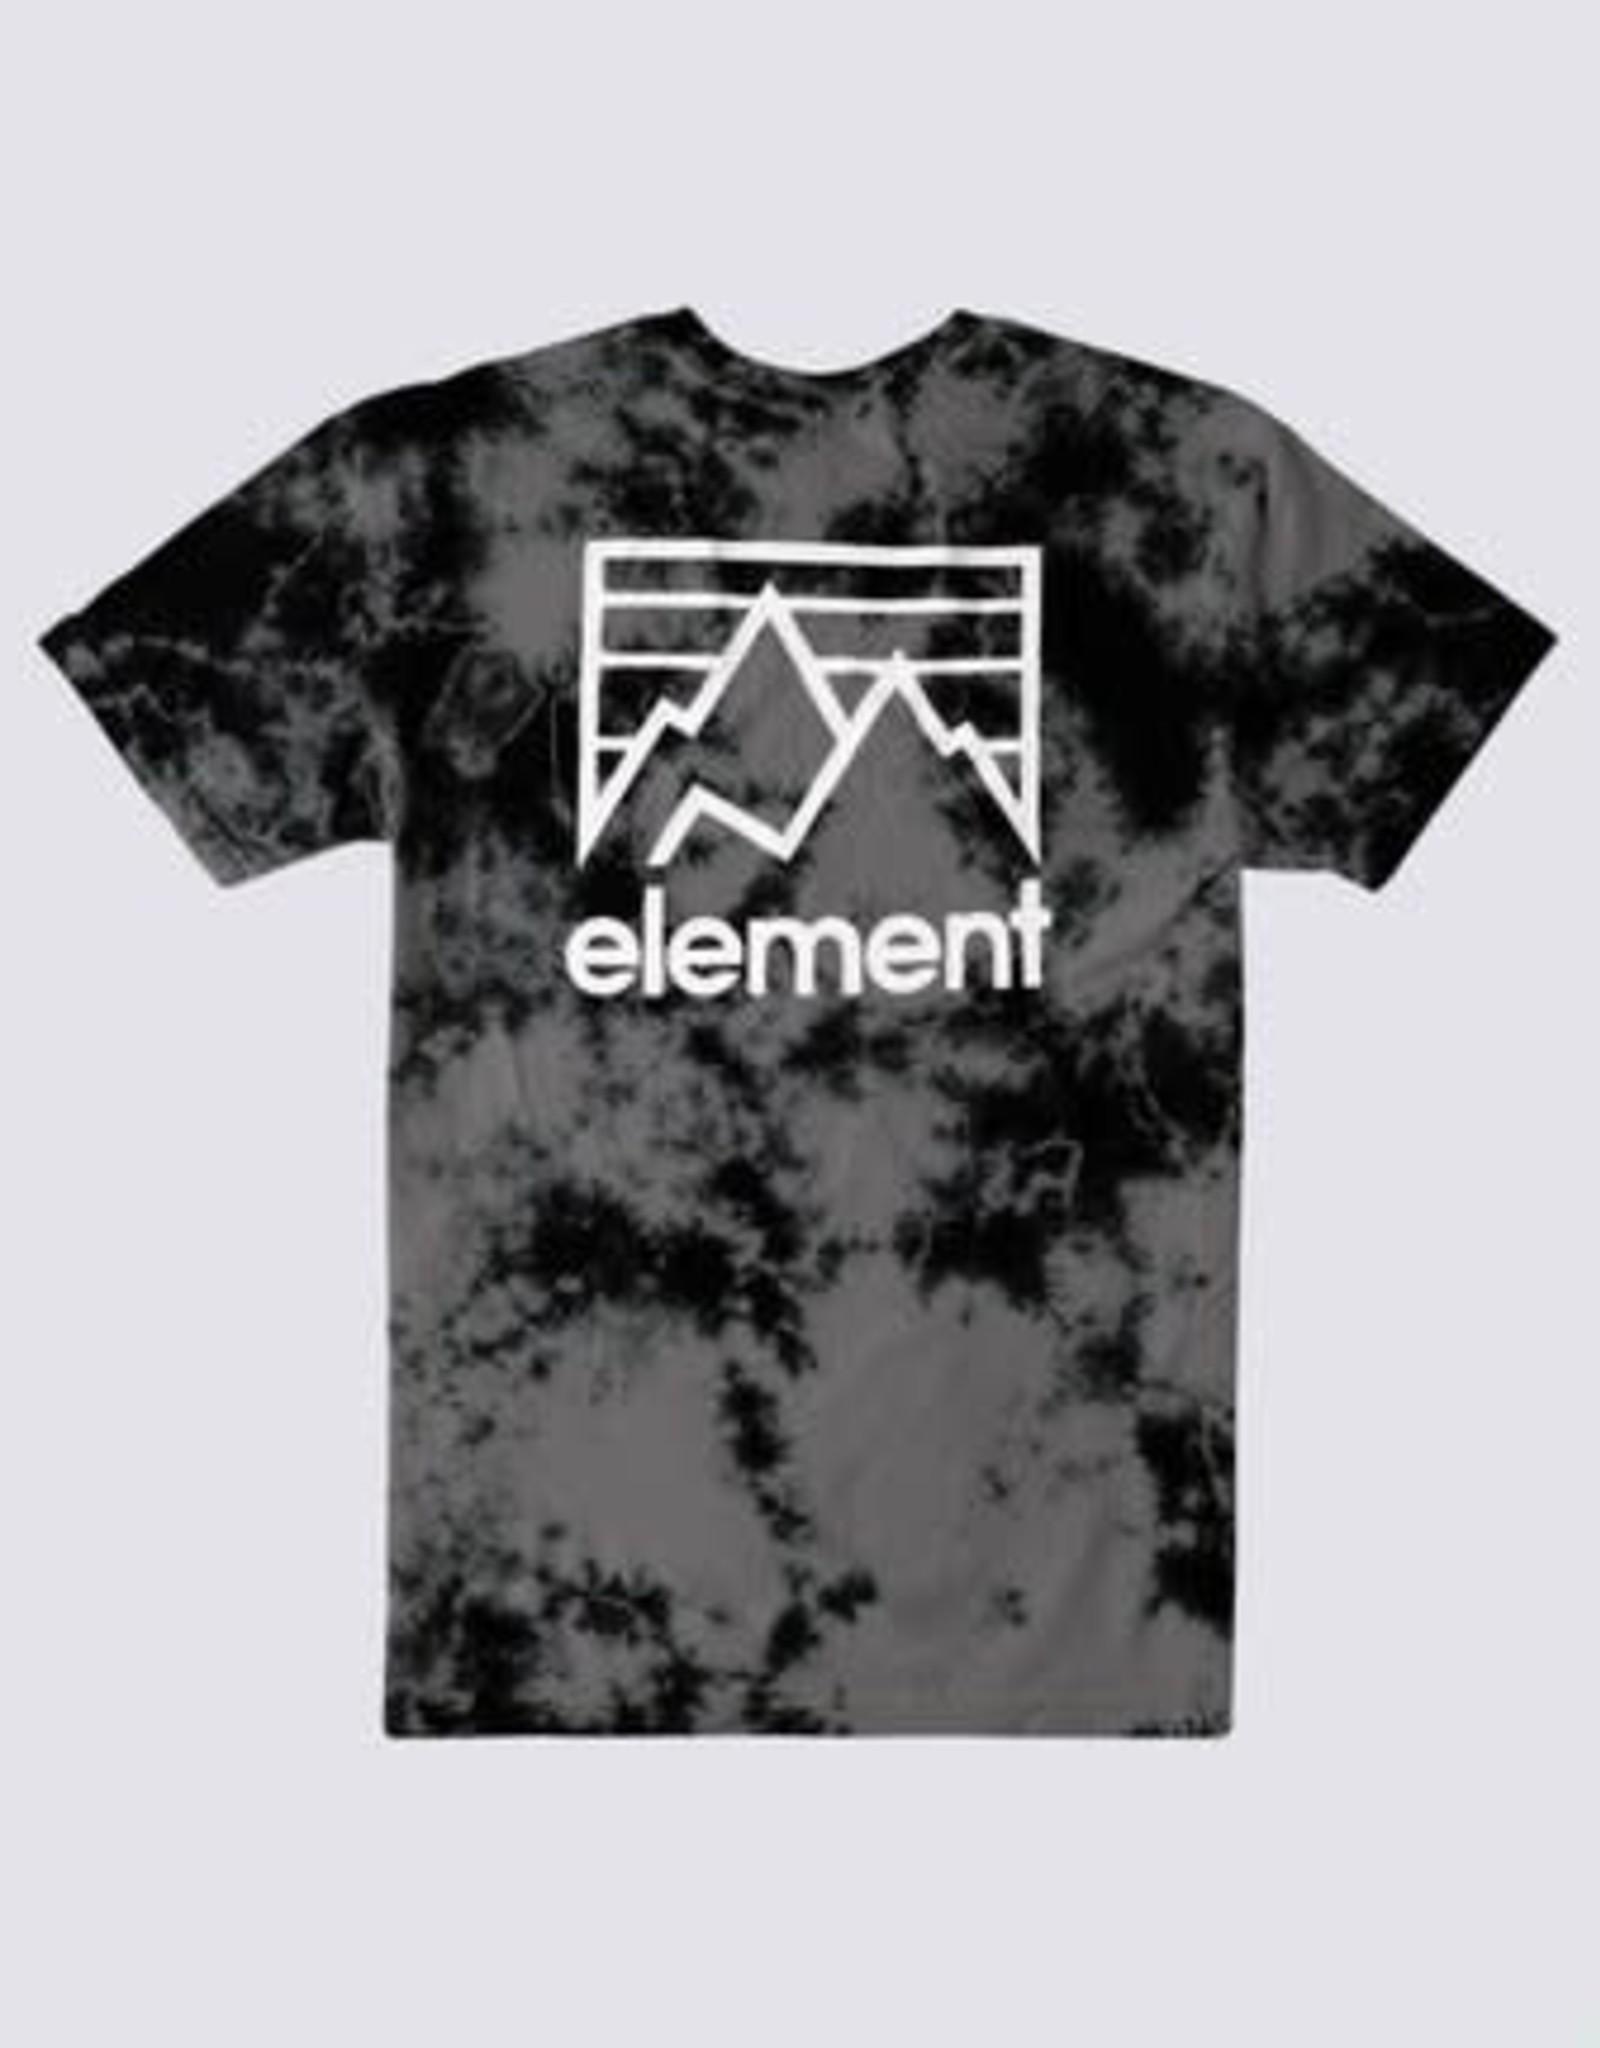 Element JOINT TIE-DYE TEE FLINT BLACK